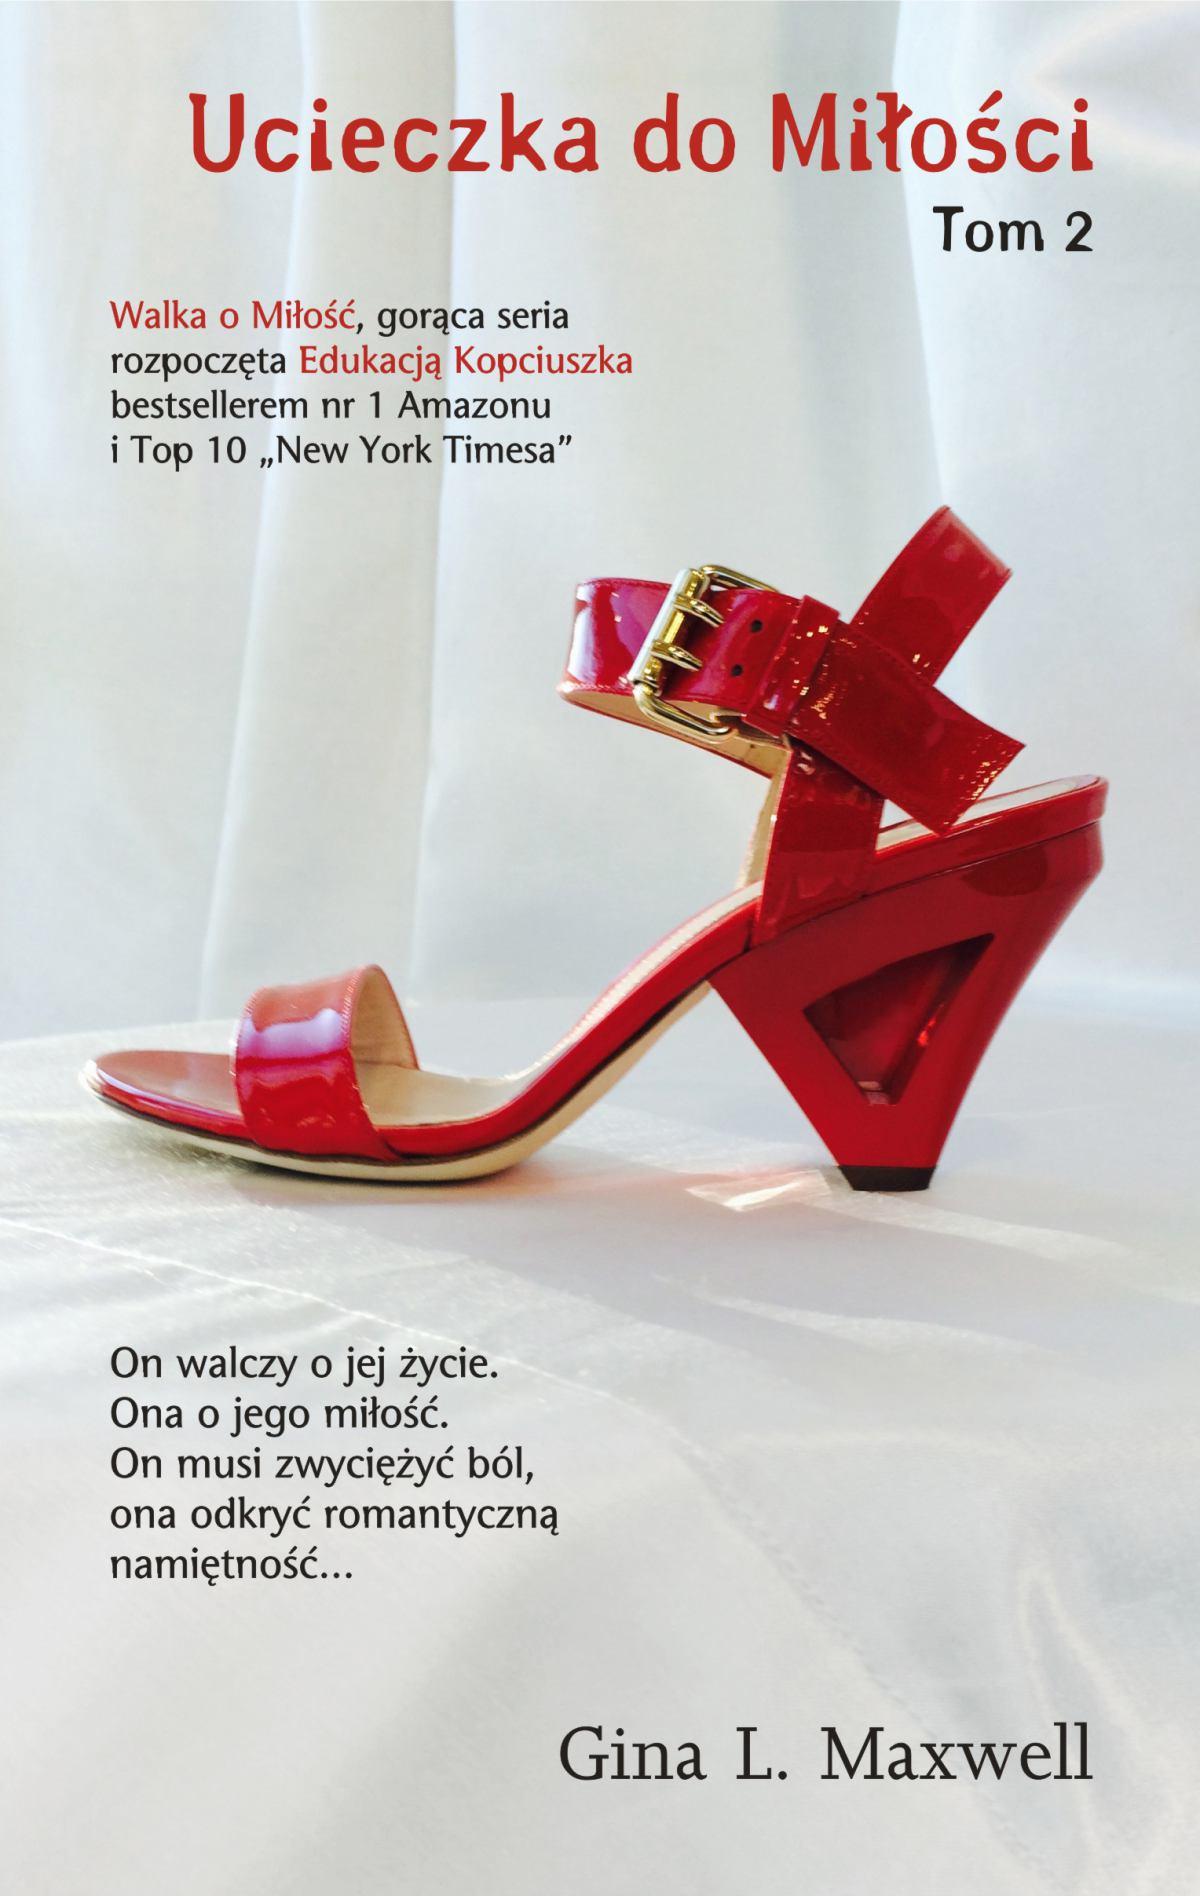 Ucieczka do miłości. Tom 2 - Ebook (Książka EPUB) do pobrania w formacie EPUB